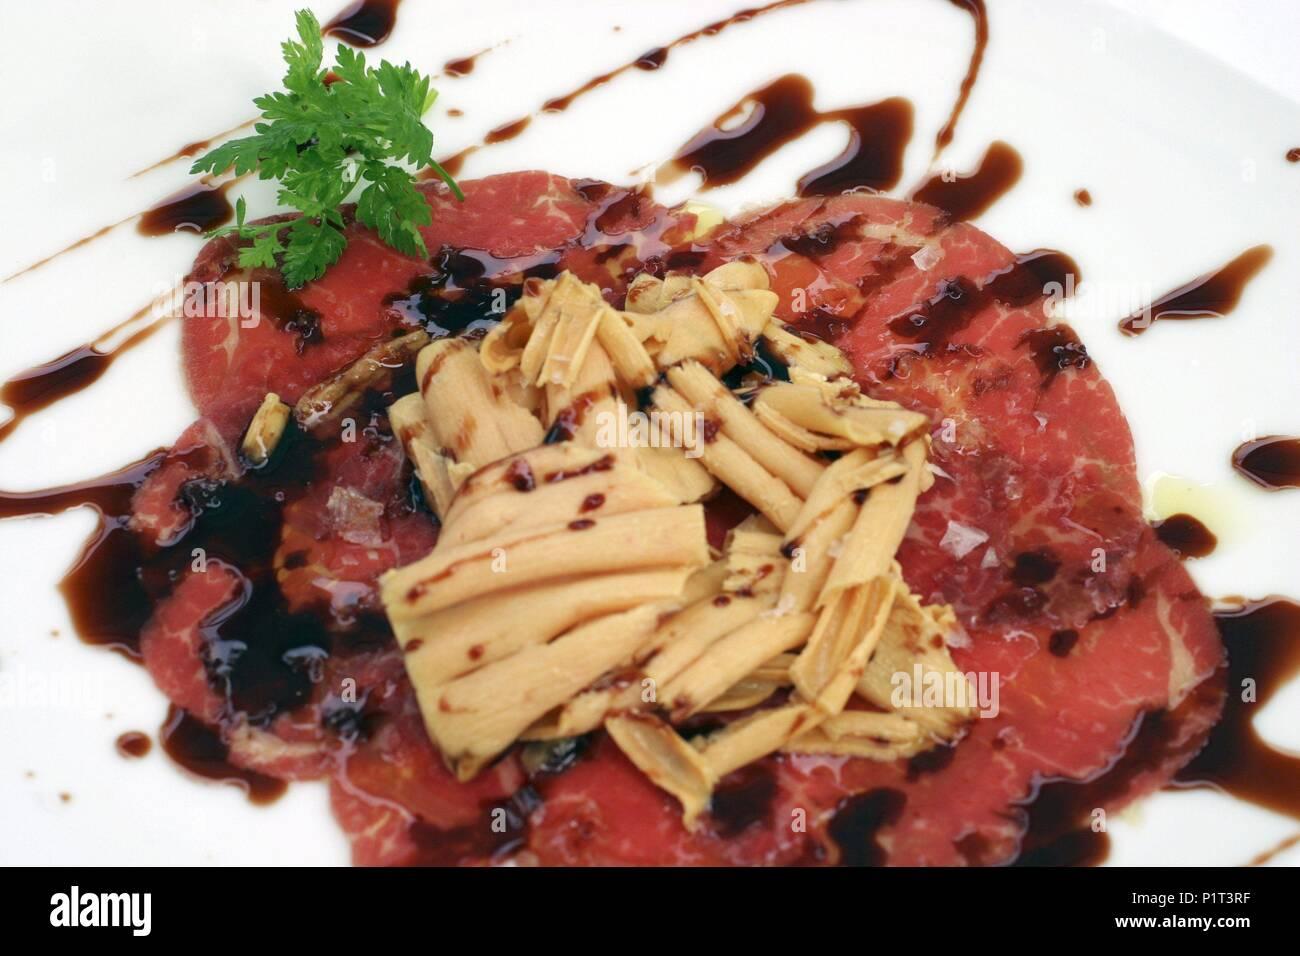 Superposición Eficiente milicia  Donostia / San Sebastian; carpaccio de solomillo y foie gras al caramelo de  oporto; bar / restaurante